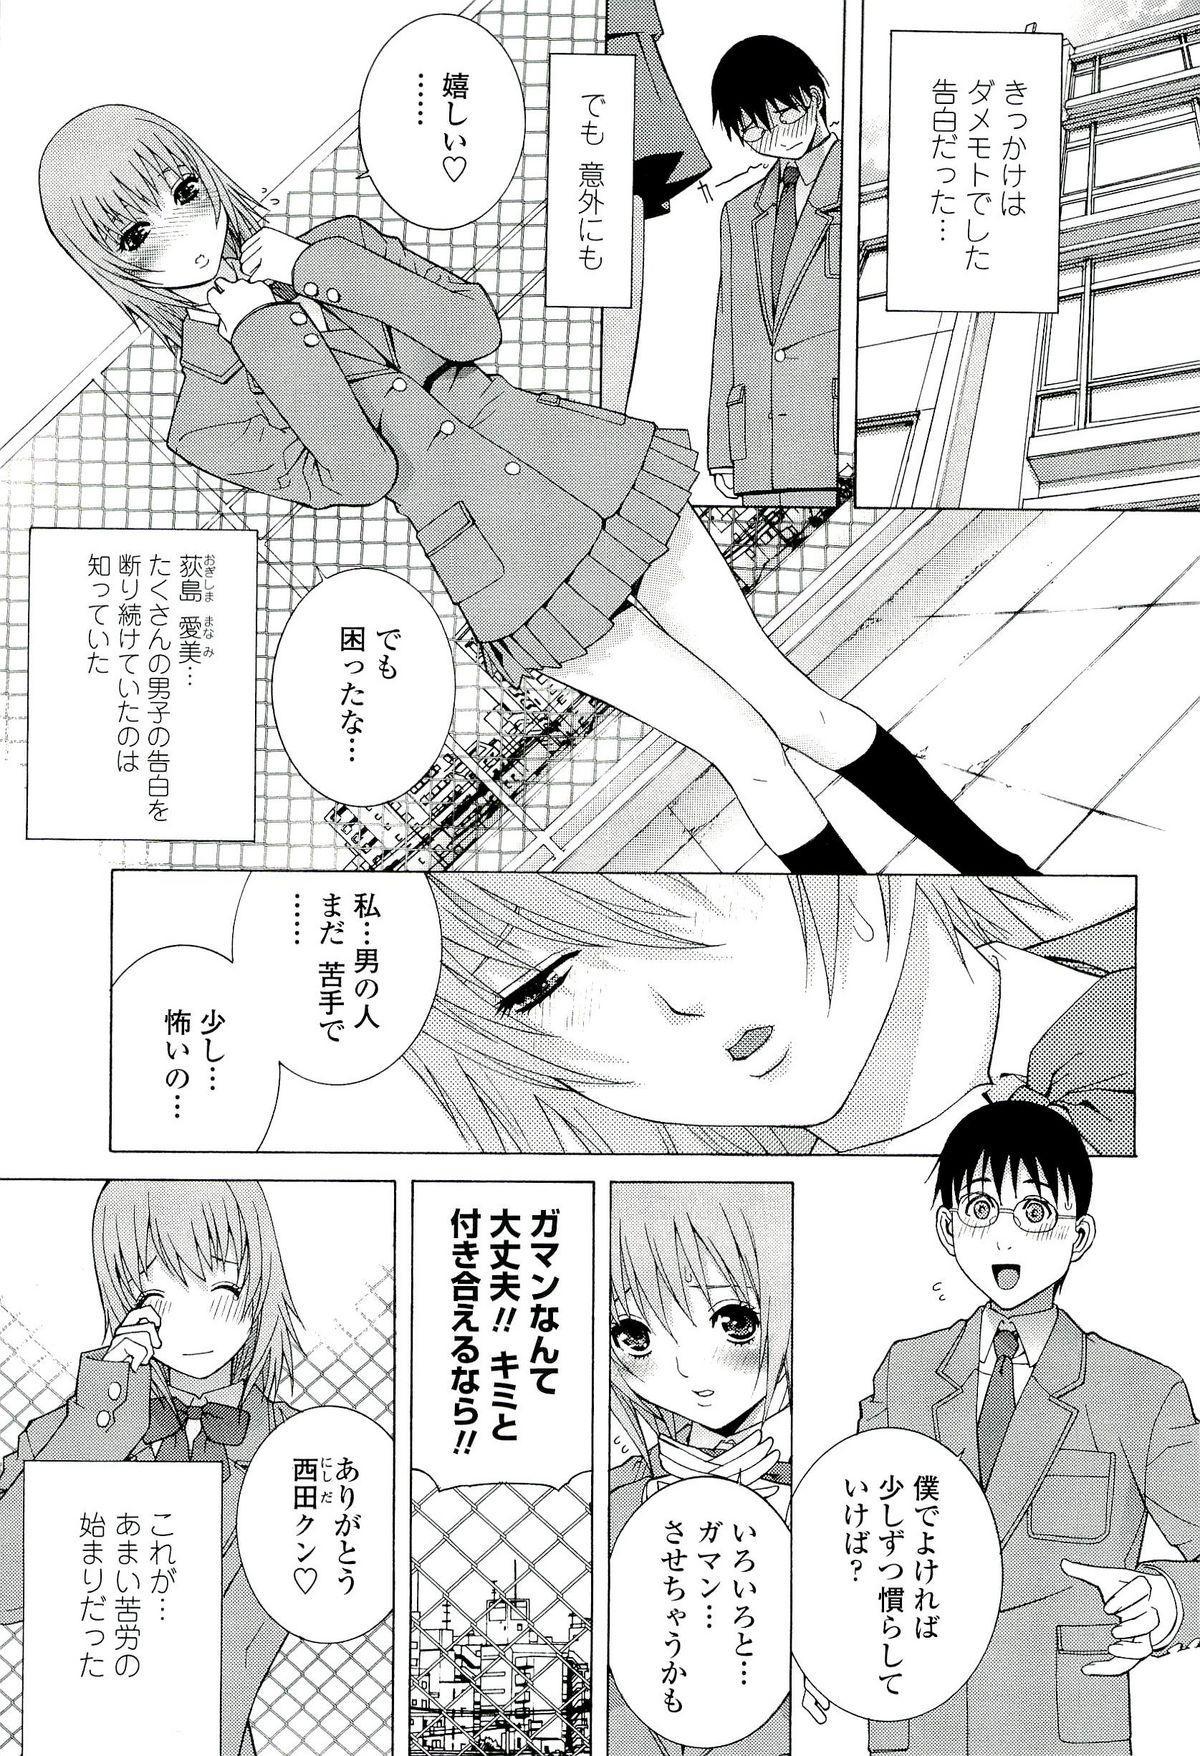 Ane ♡ Mai Love 142